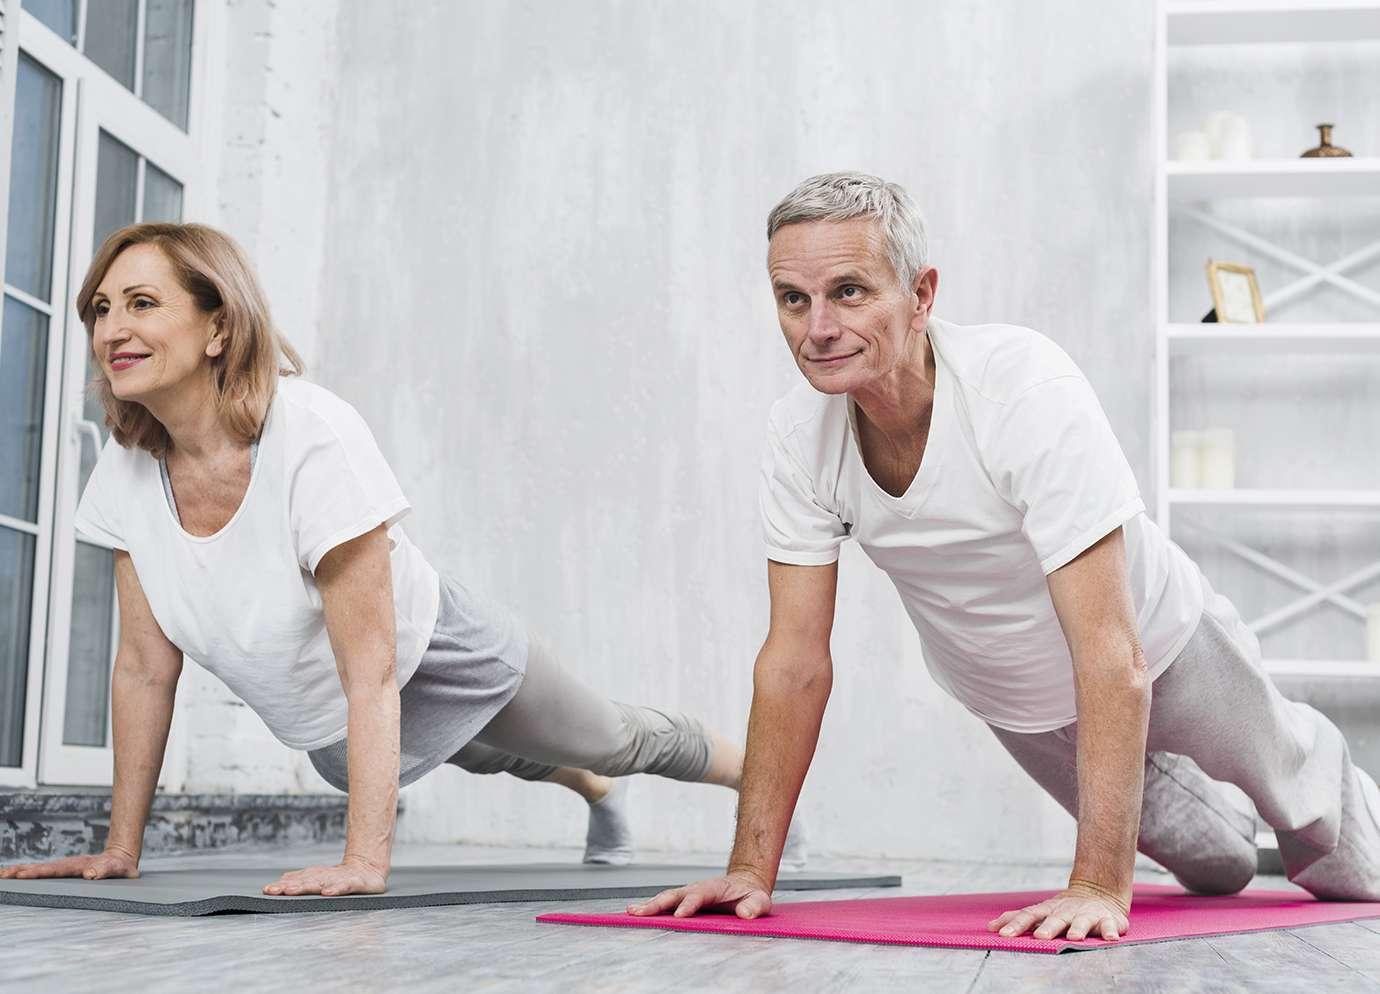 Deux personnes sur un tapis en train de faire du sport santé fitness pour entretenir la forme physique